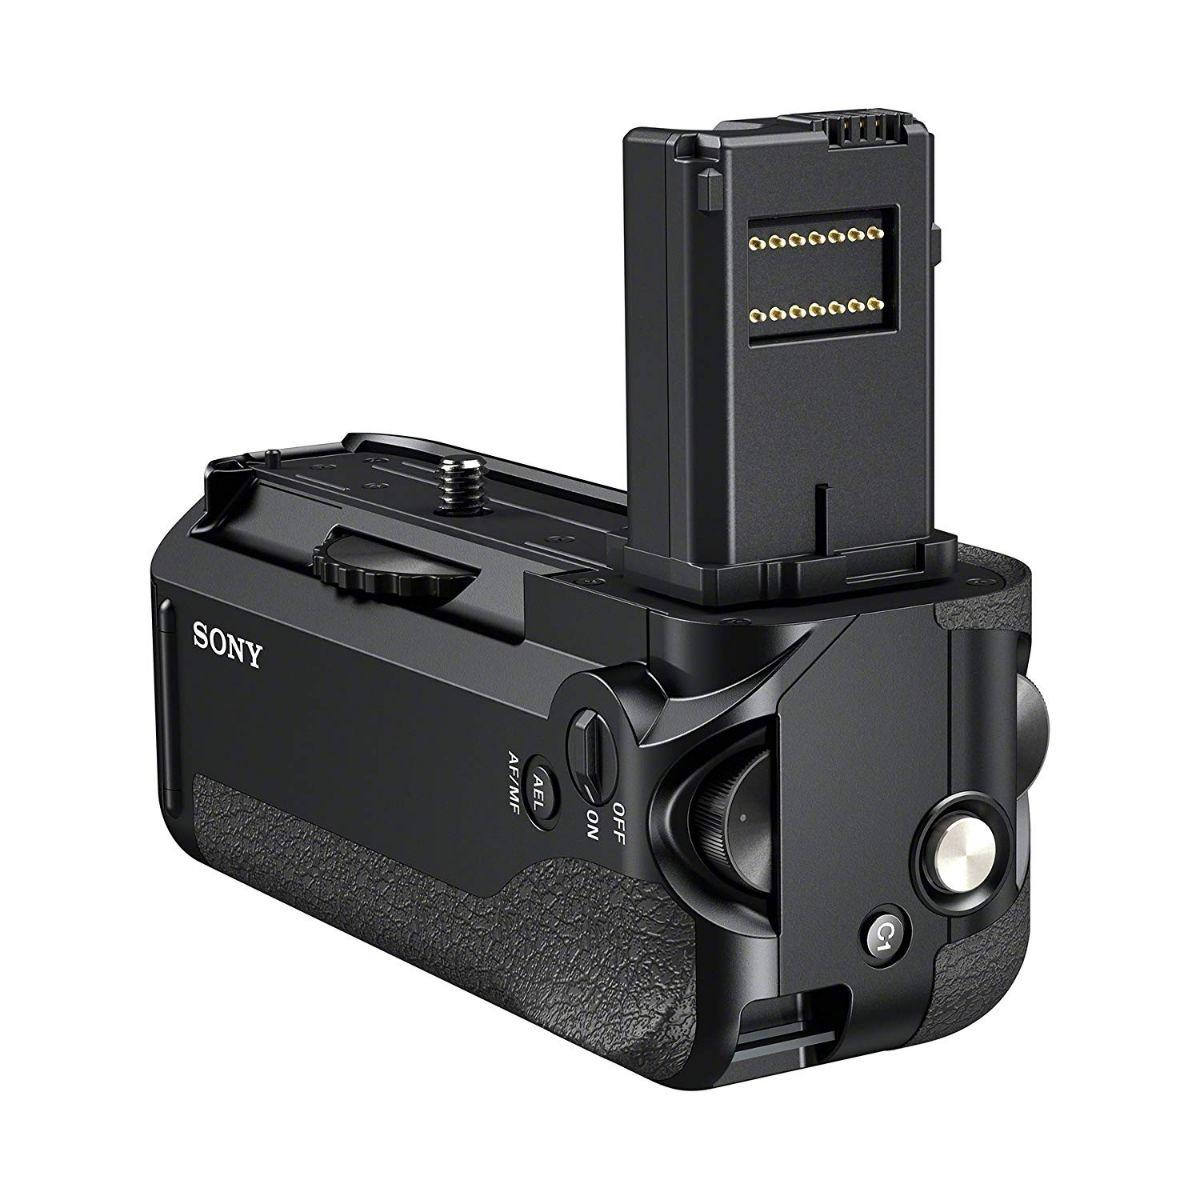 Sony VG-C1EM Digital Camera Battery Grip for Alpha 7S, 7R and 7 Cameras - Black